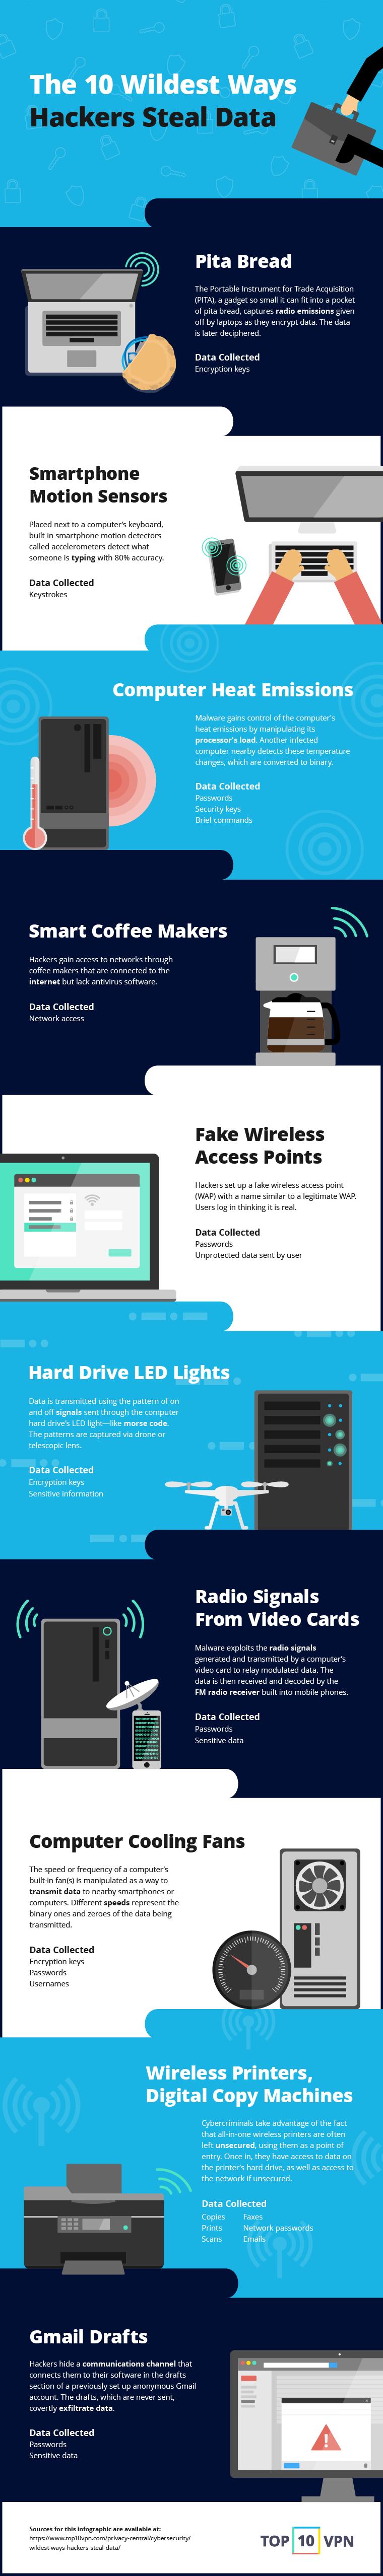 Wildest Ways Hackers Steal Data